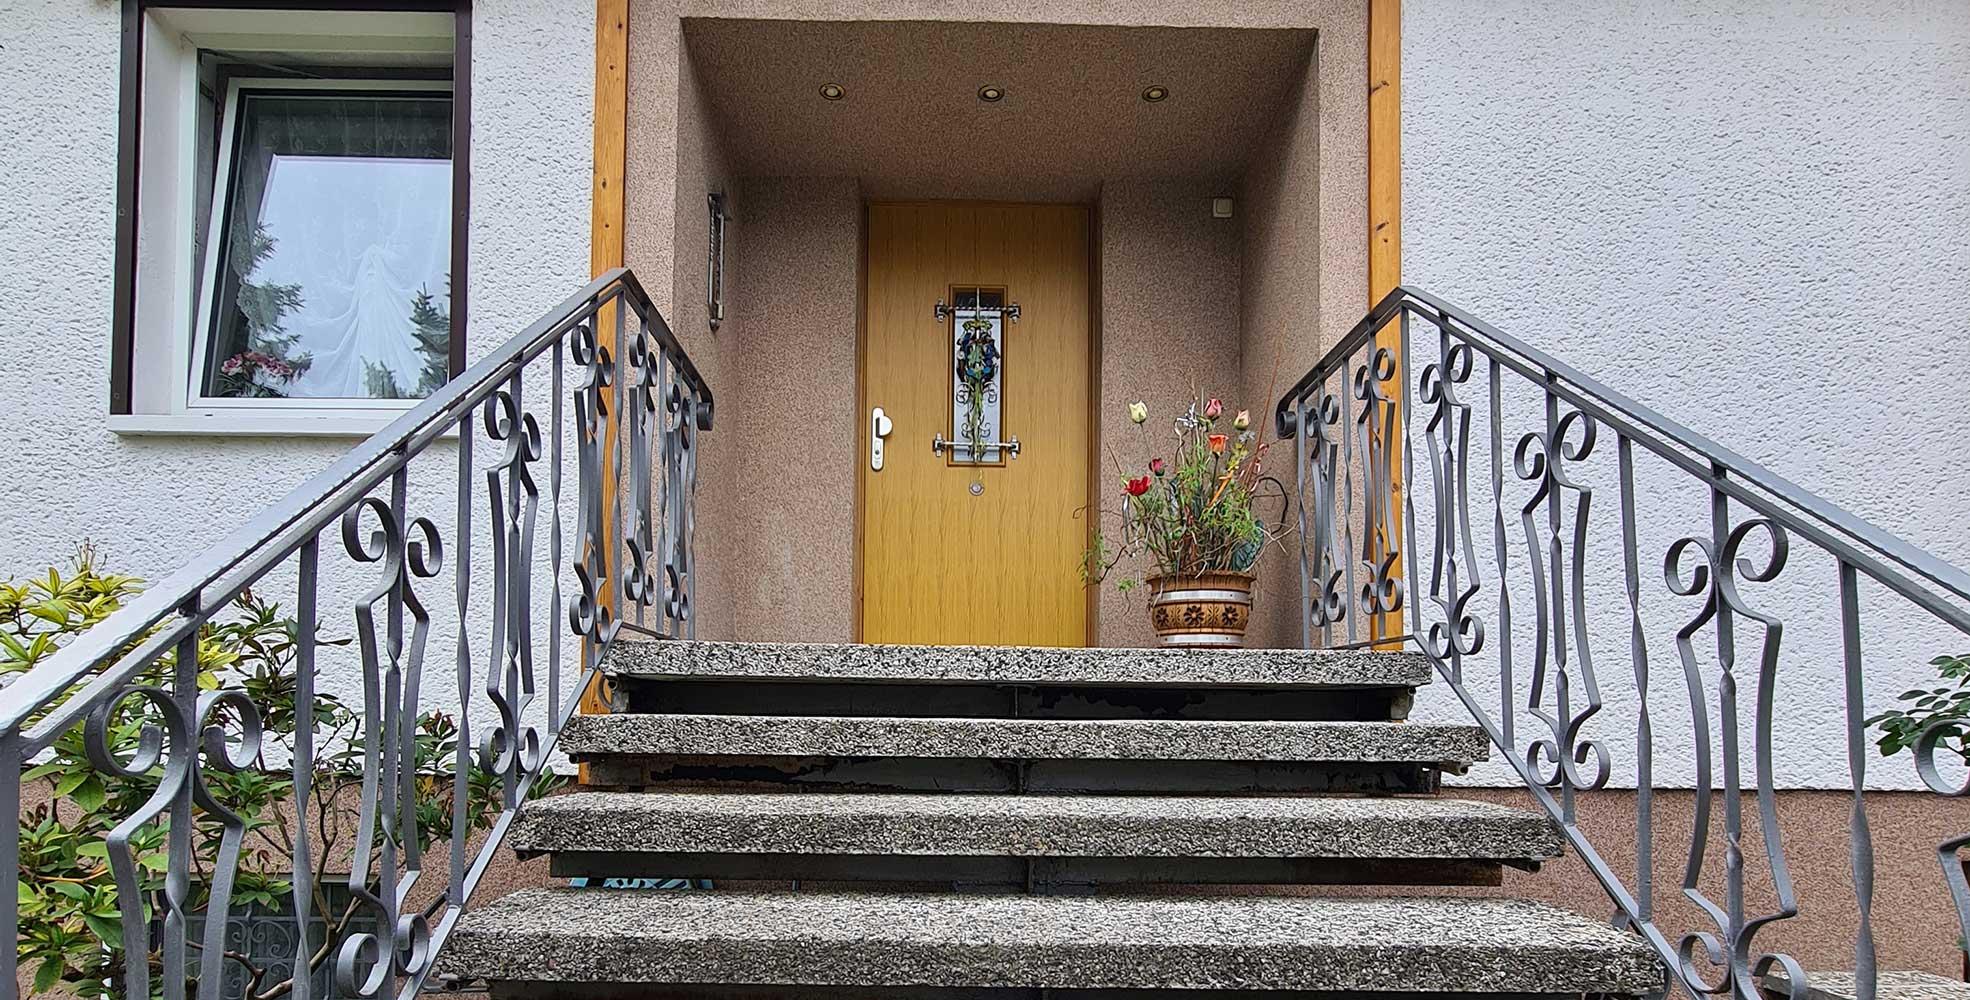 Einfamilienhaus in Berlin - Kaulsdorf - Eingang